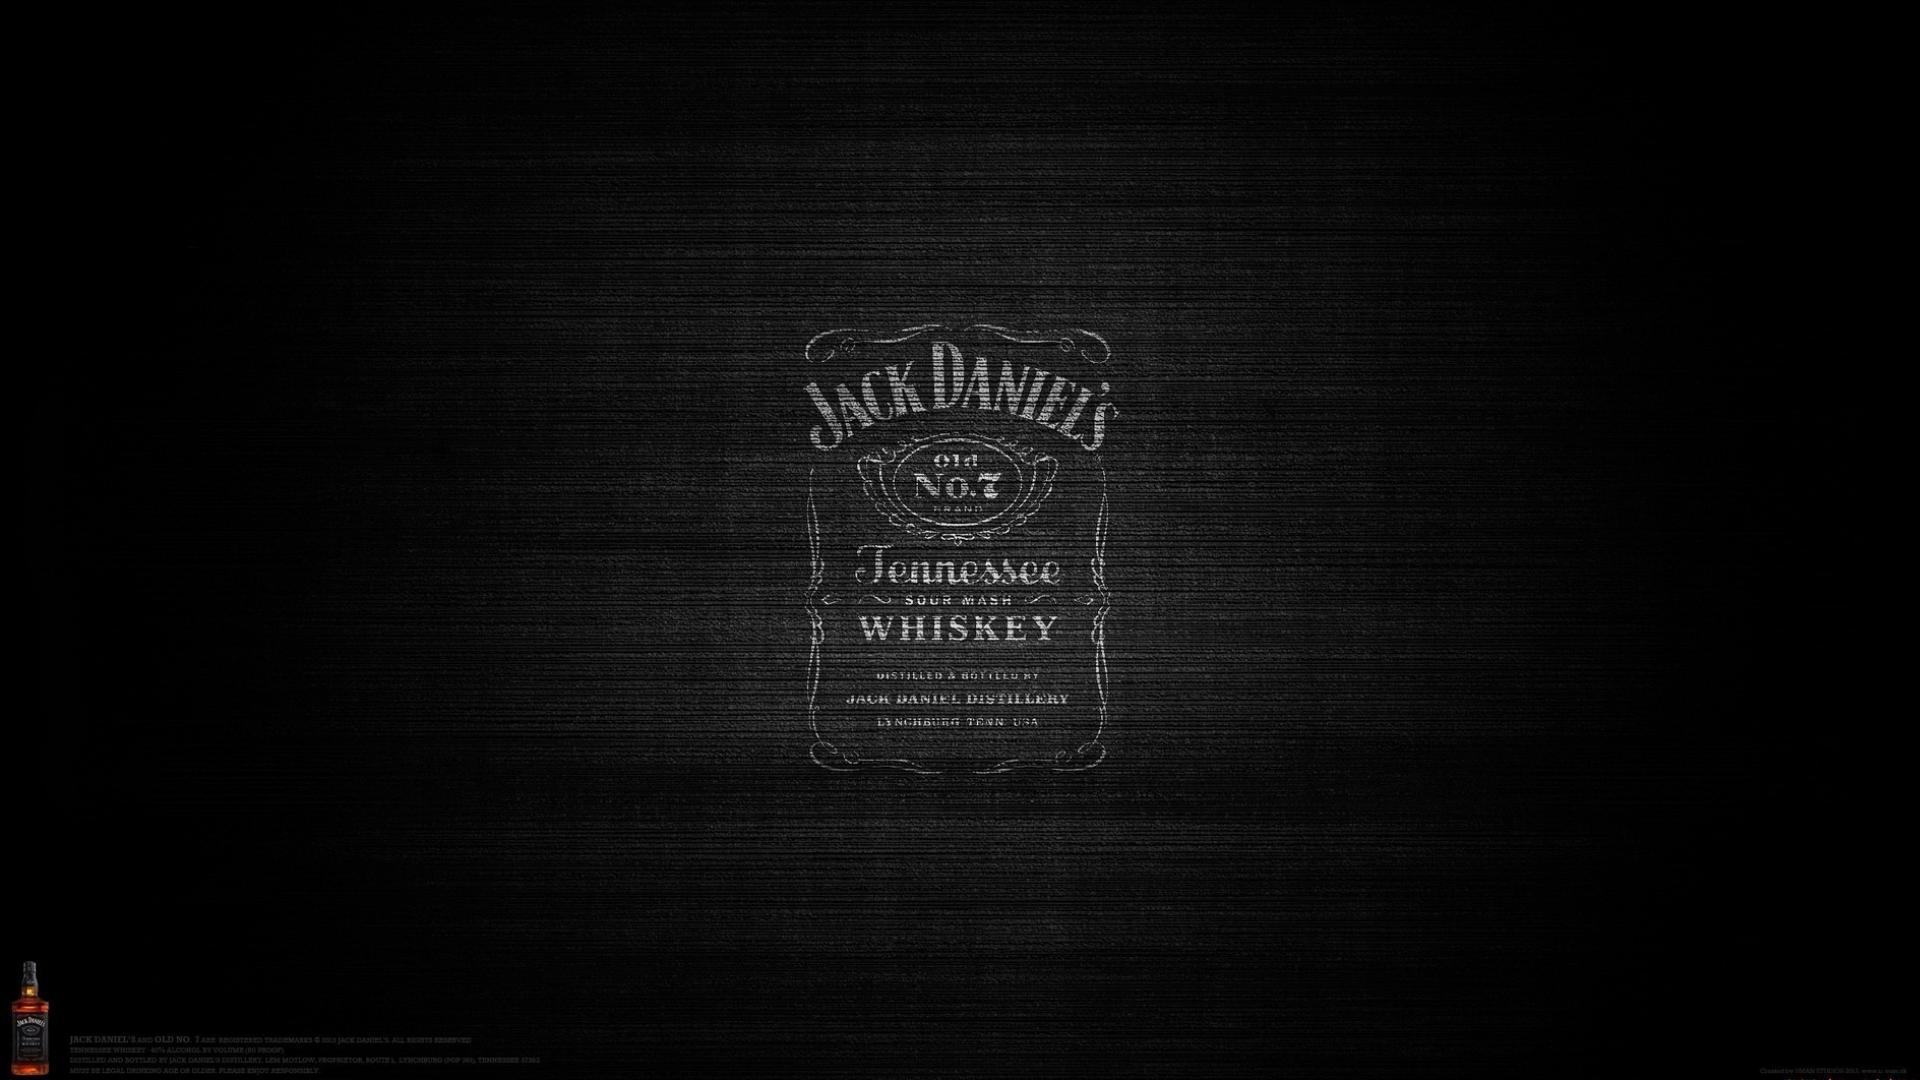 Alcohol brands jack daniels wallpaper 70953 1920x1080